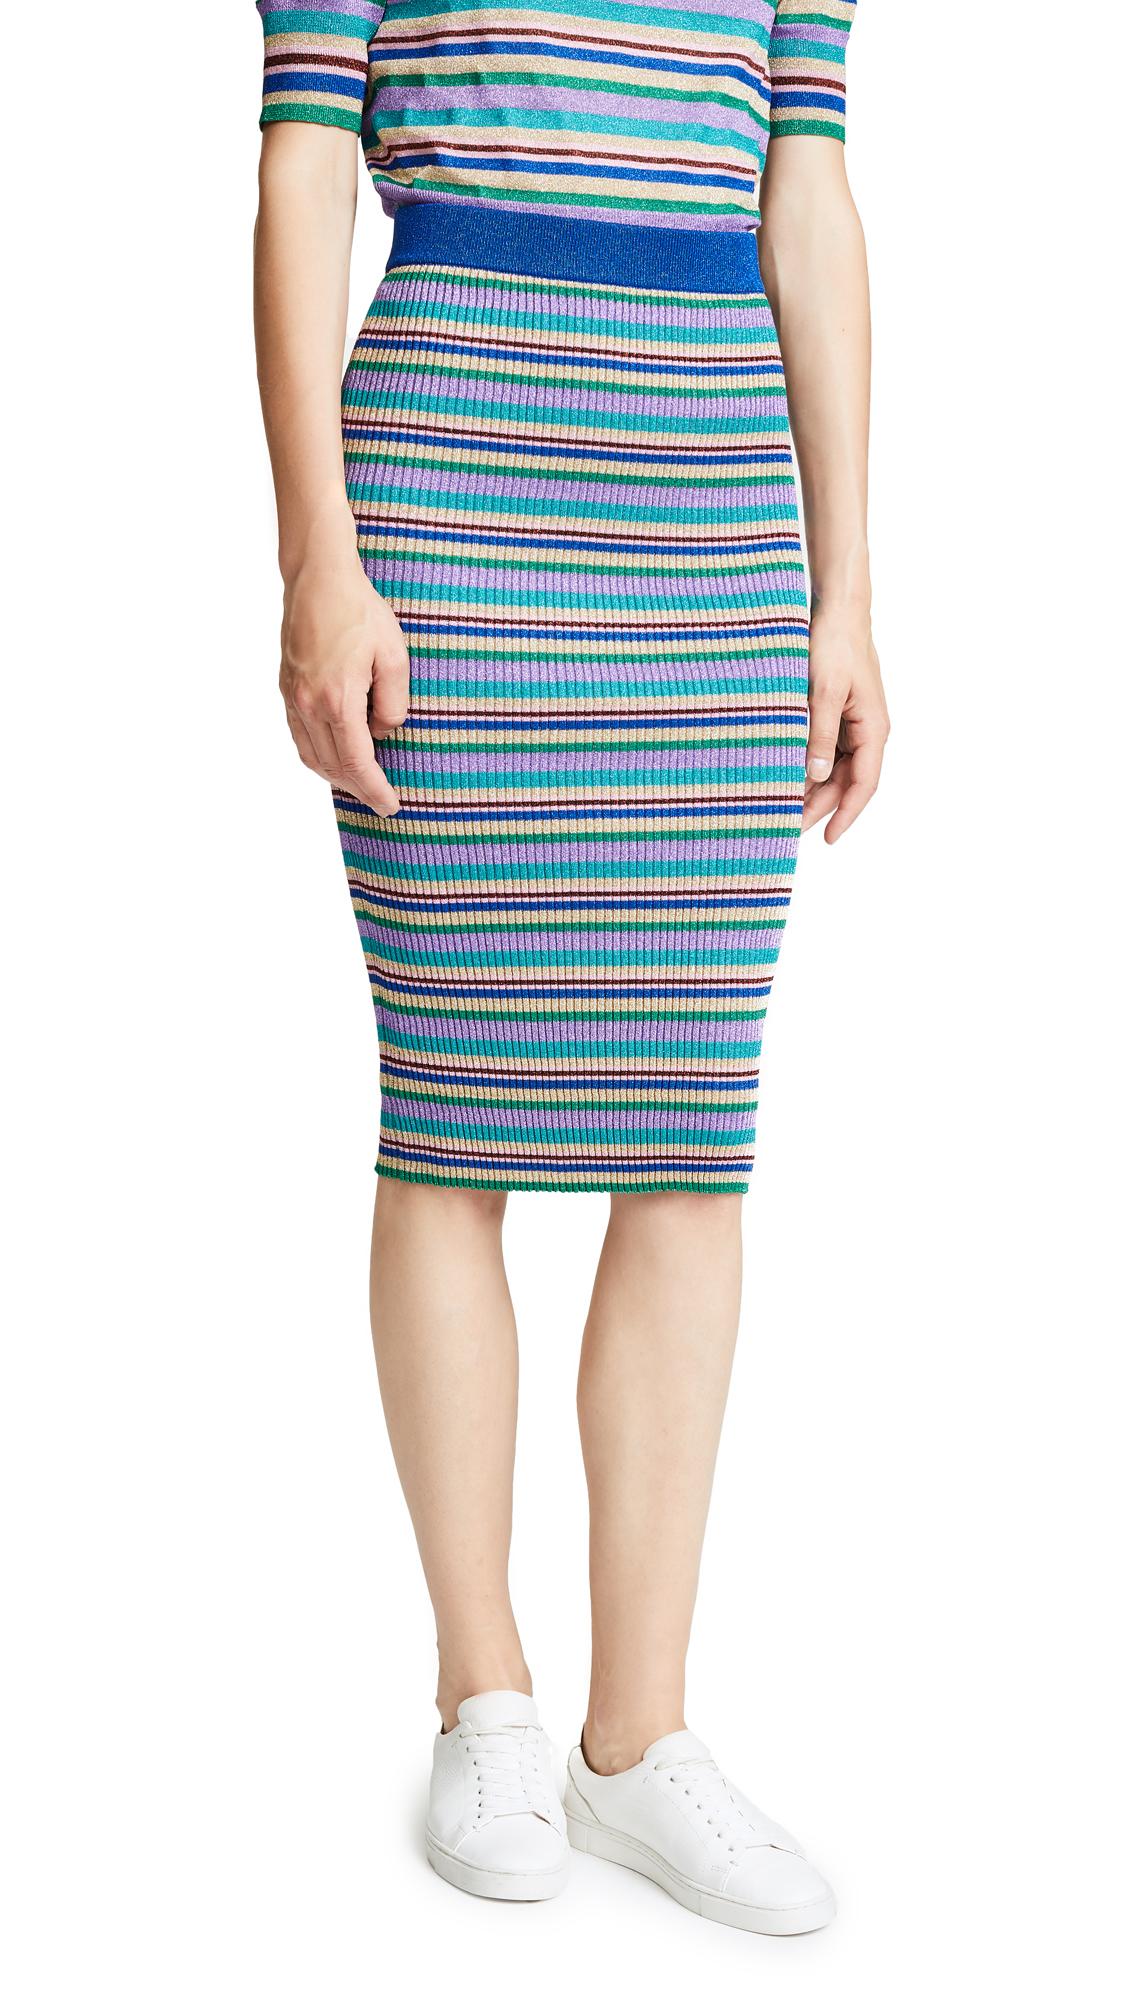 BAUM UND PFERDGARTEN Celia Skirt In Multistripe